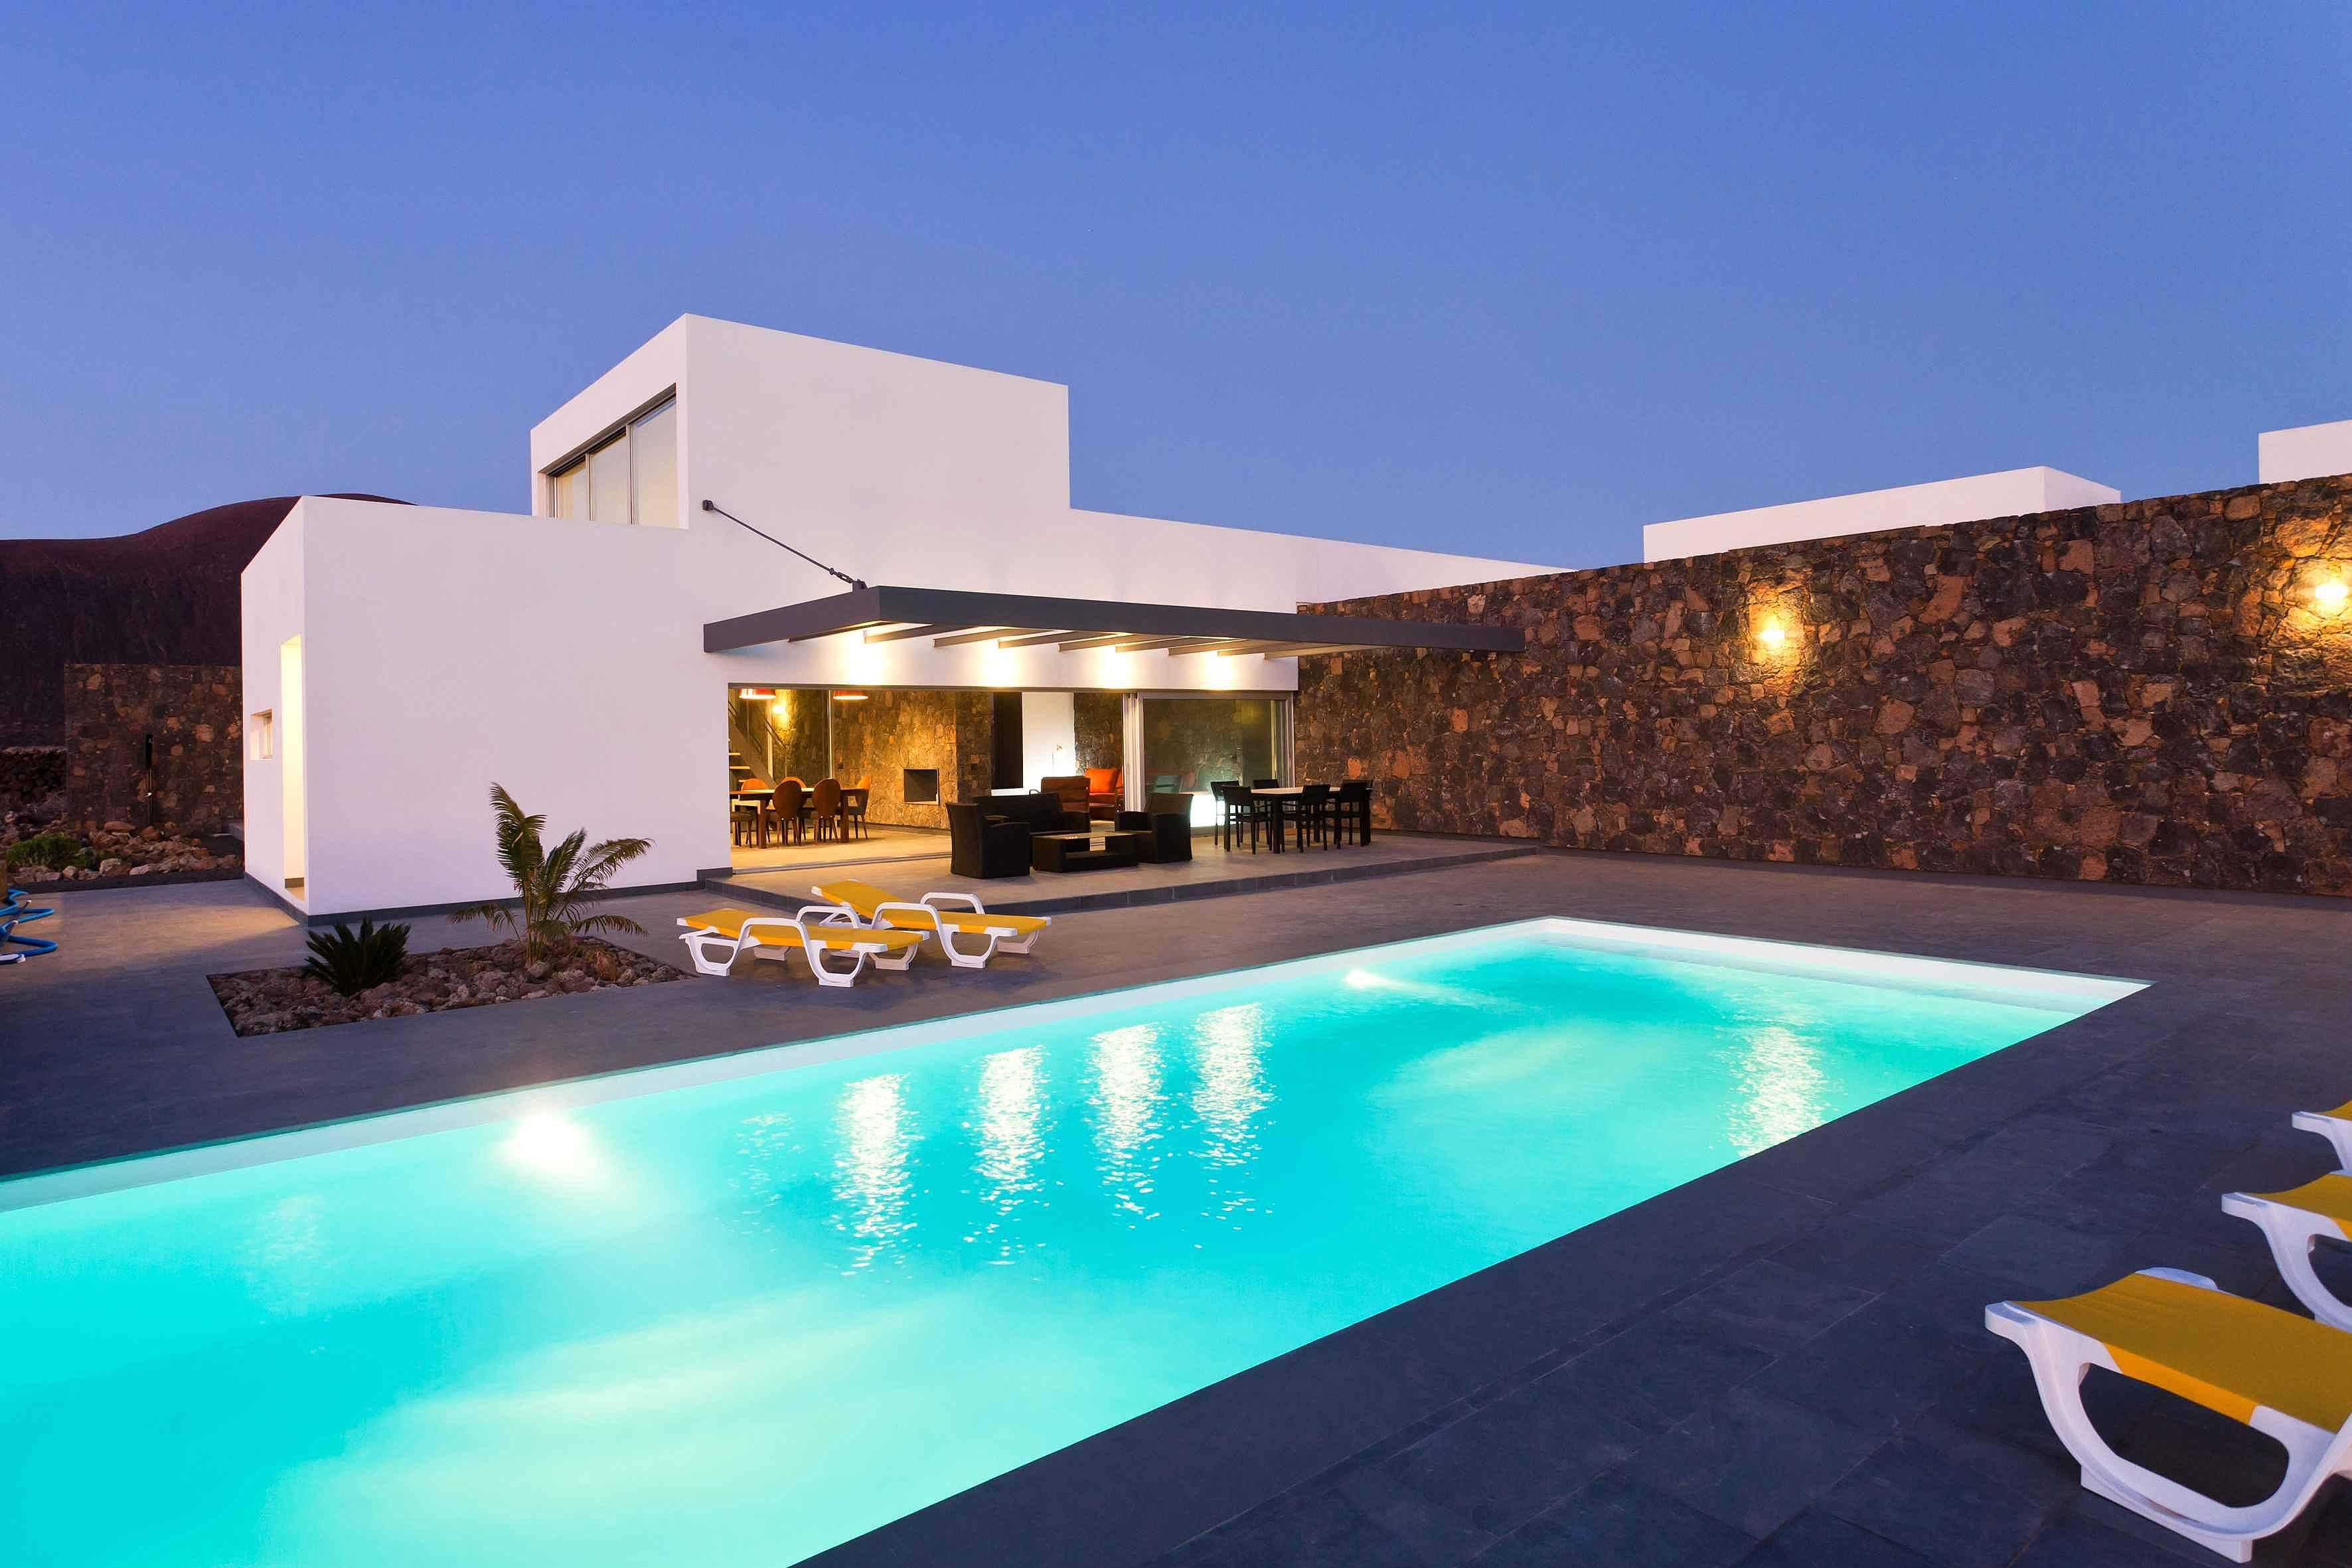 villa lujo 12 personas piscina climatizada wifi lajares